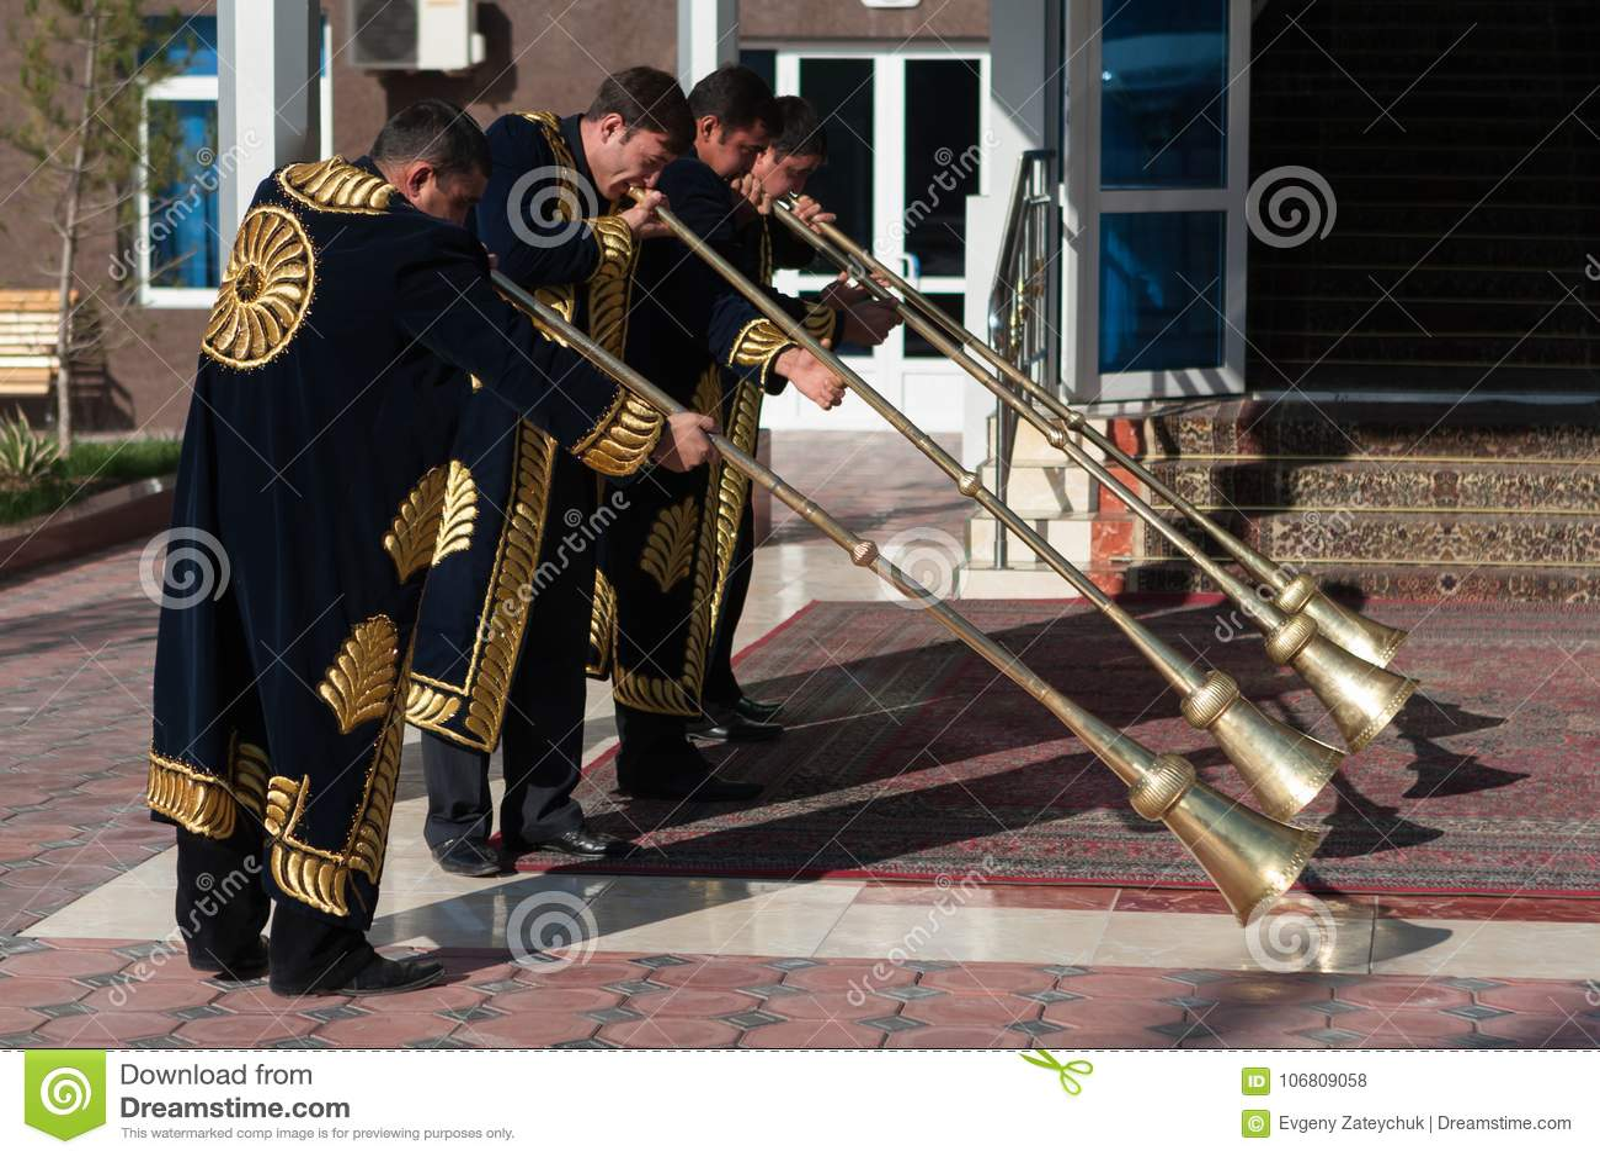 TASHKENT UZBEKISTAN, Grudzień 9 2011 -: Muzyków mężczyzna w tradycyjnych kaftans bawić się karnay